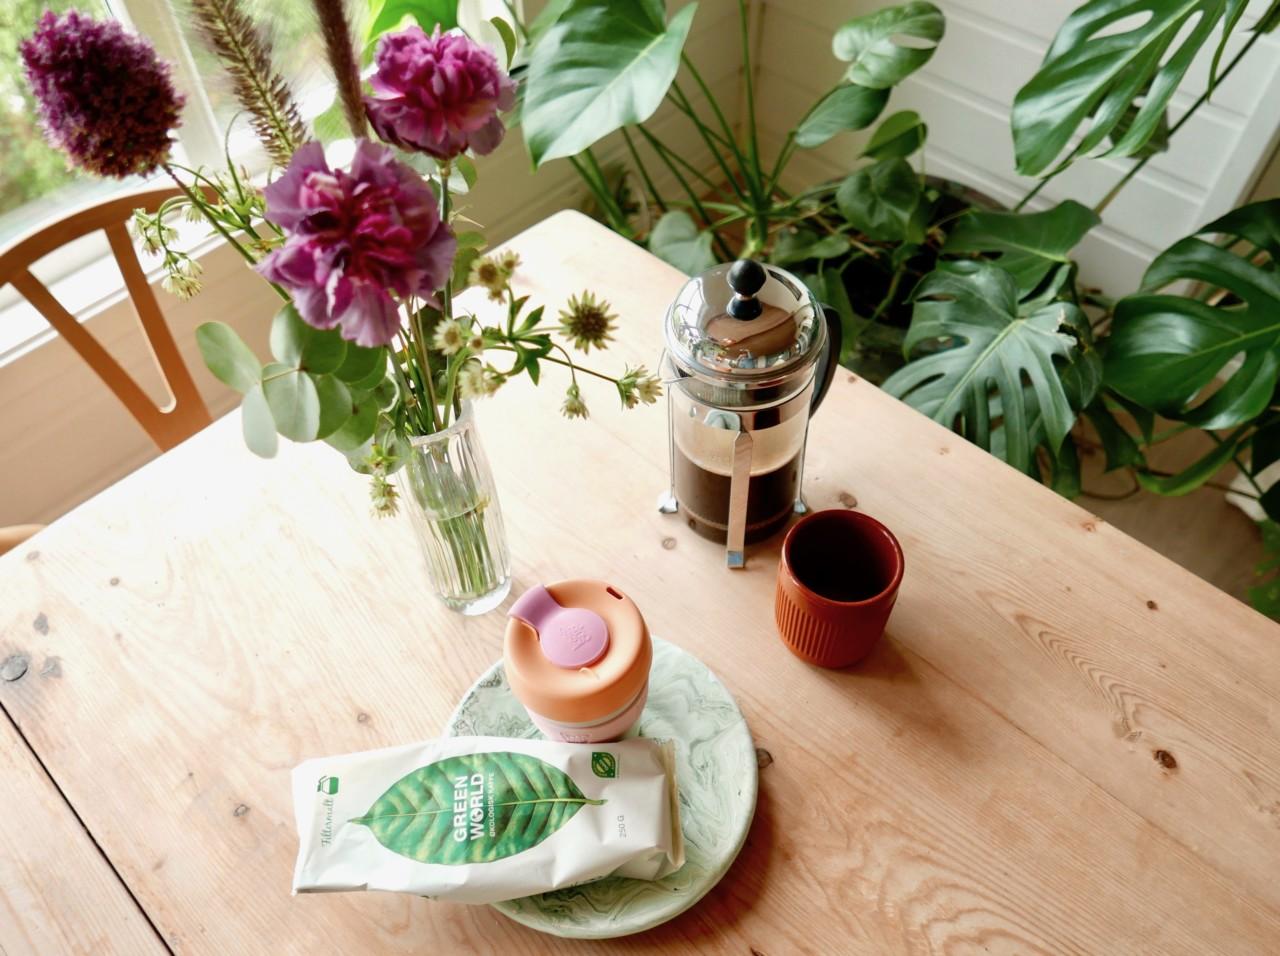 green-world-okologisk-kaffe-mandag-motivasjon-green-house